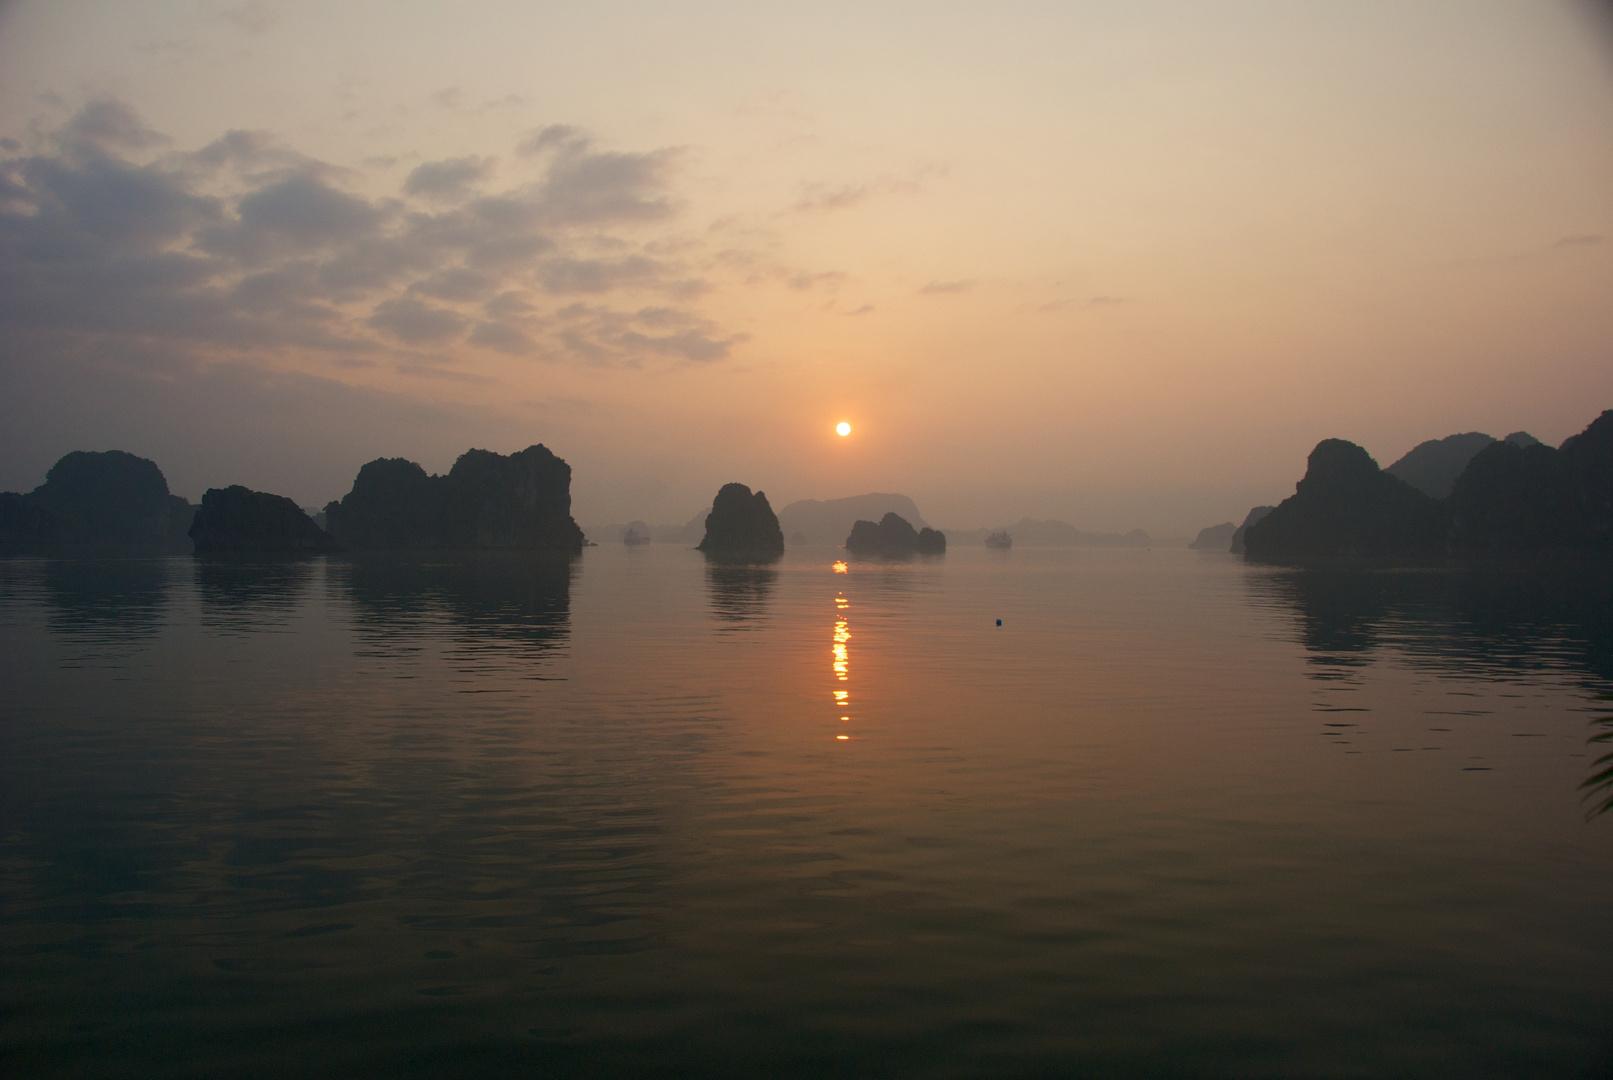 Sunset at Halong Bay #1 - Vietnam